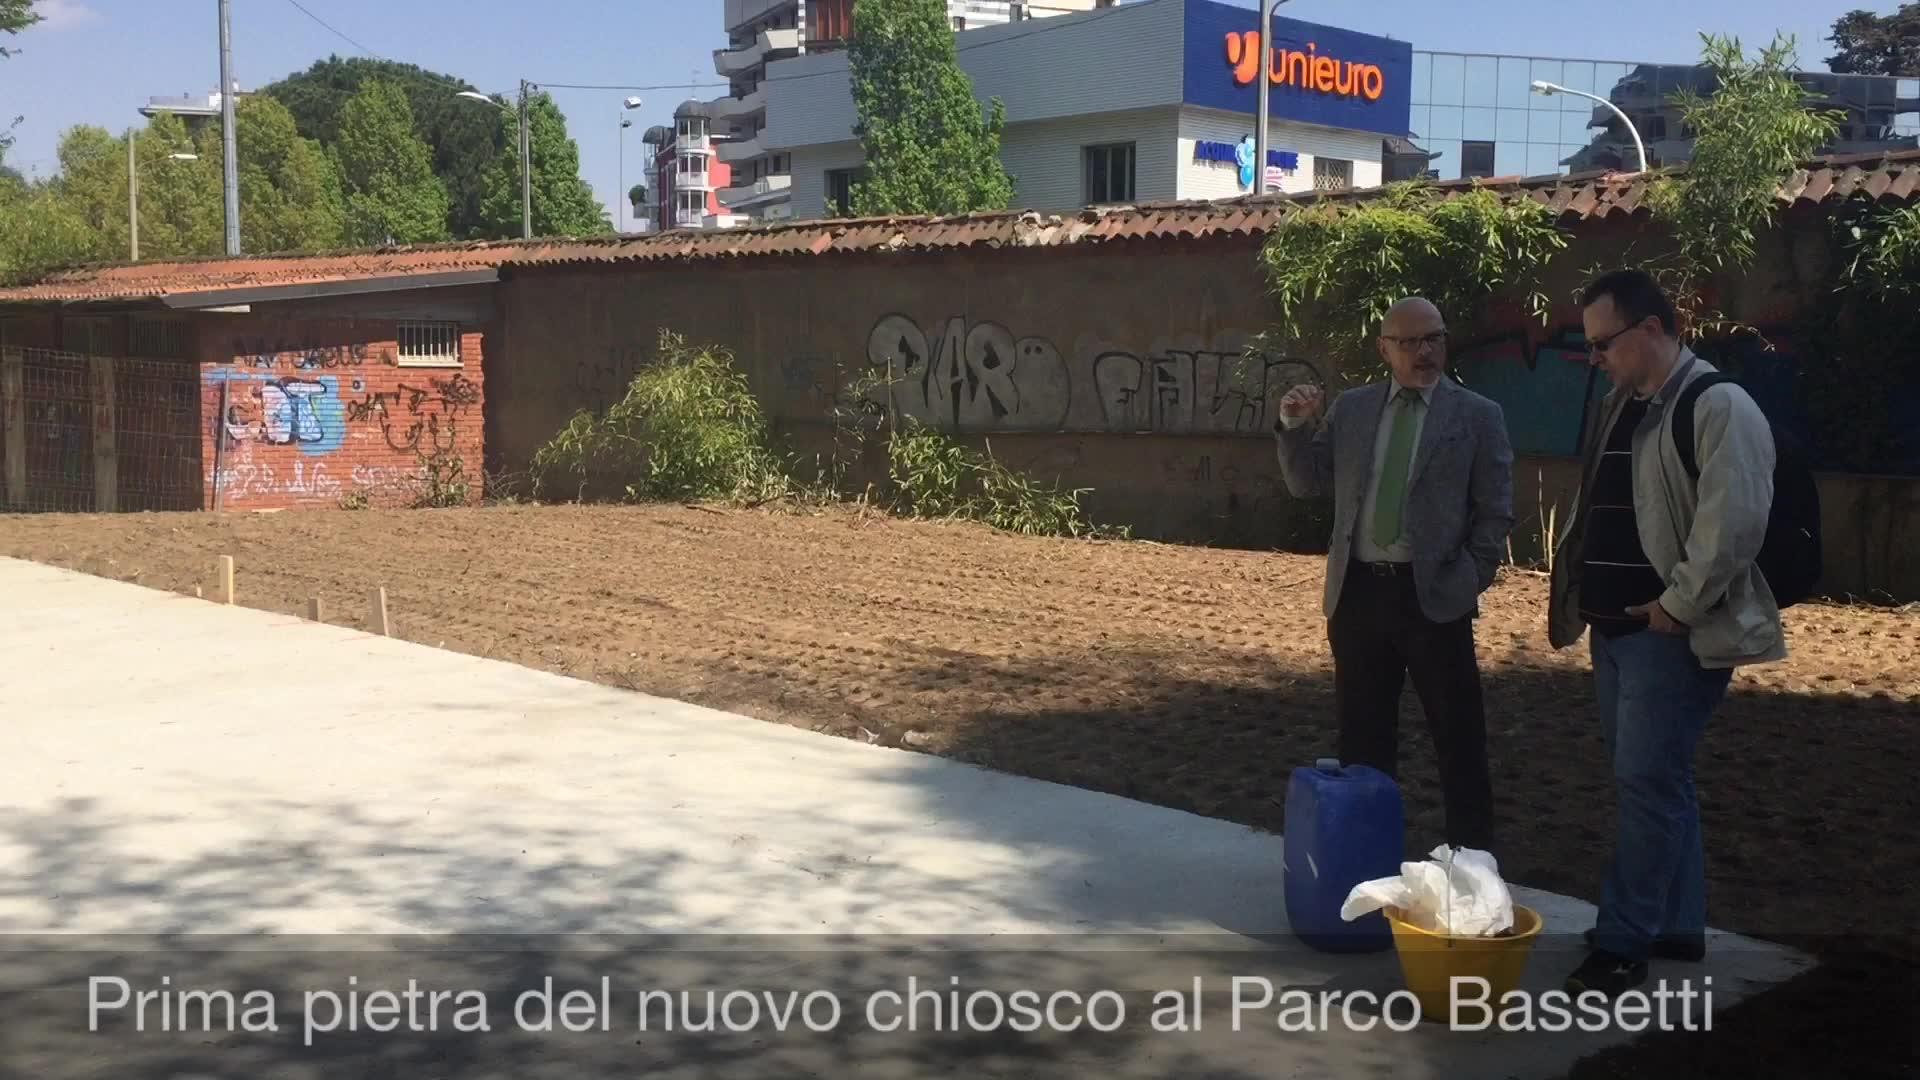 Video: Il nuovo chiosco al parco Bassetti a Gallarate